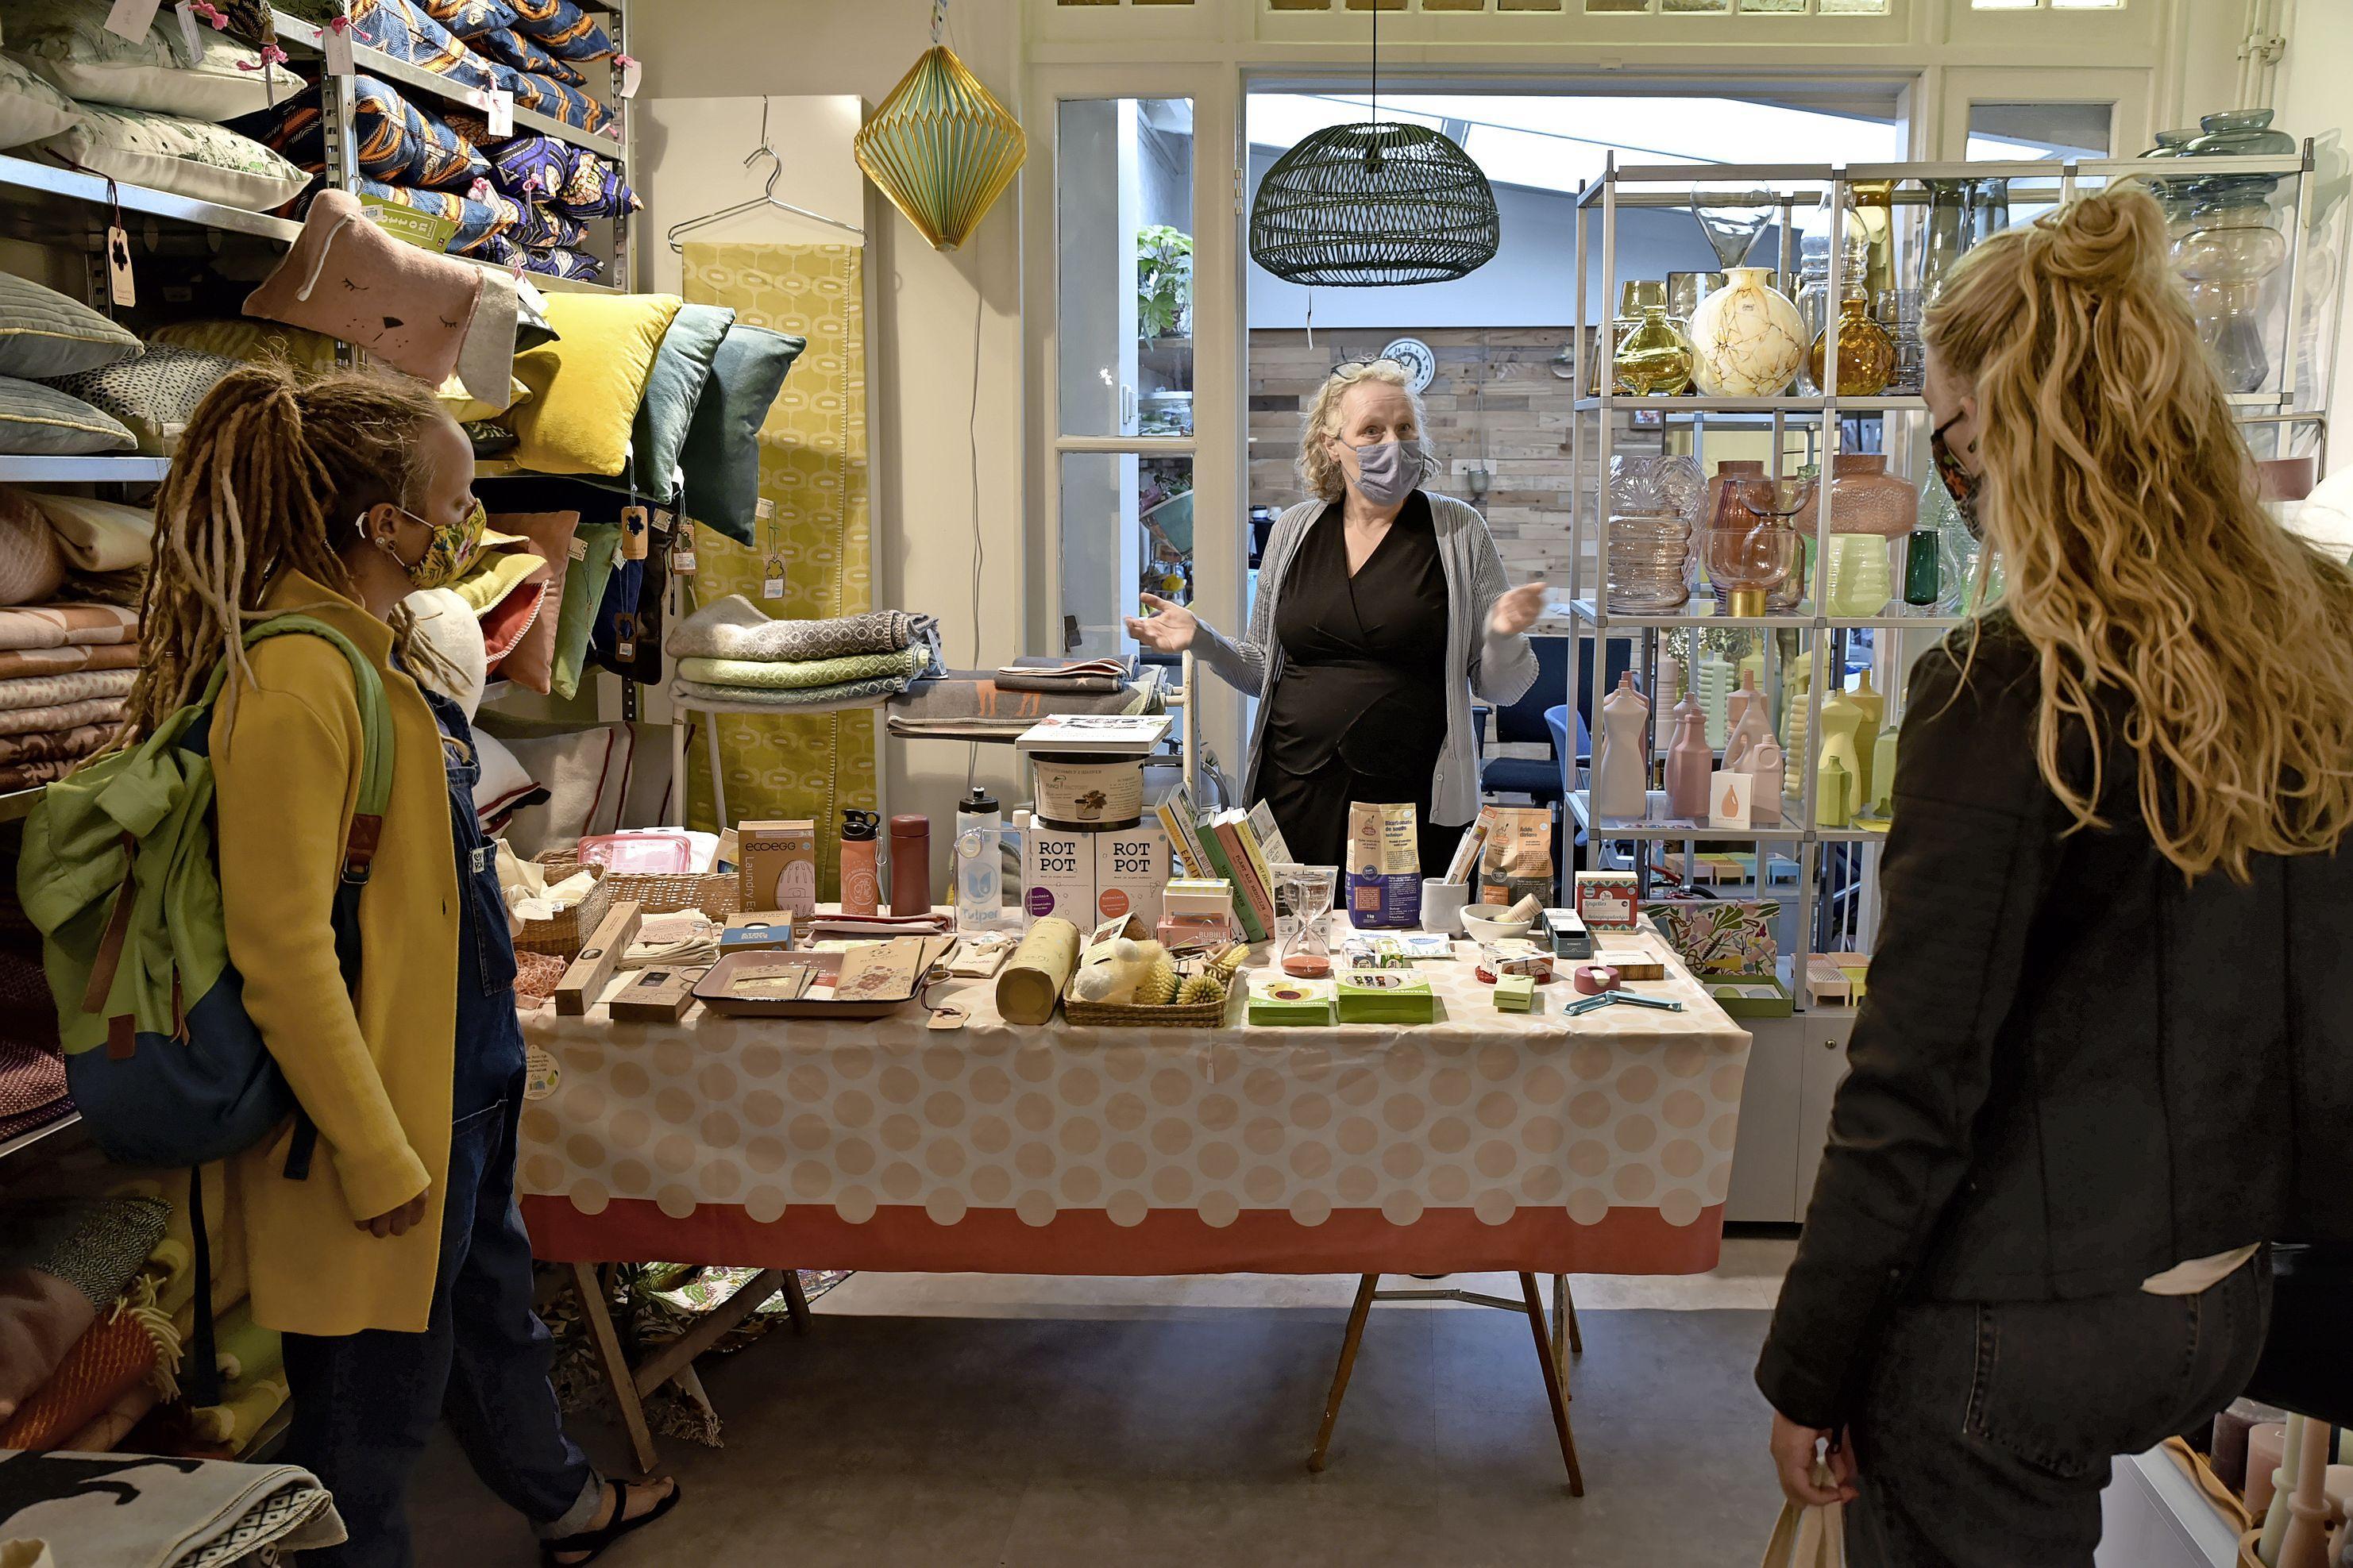 Week zonder afval: stappenteller aan voor duurzaam ommetje Zero Waste in Hoorn. 'Hier kijkt niemand gek op van meegebracht bakje'